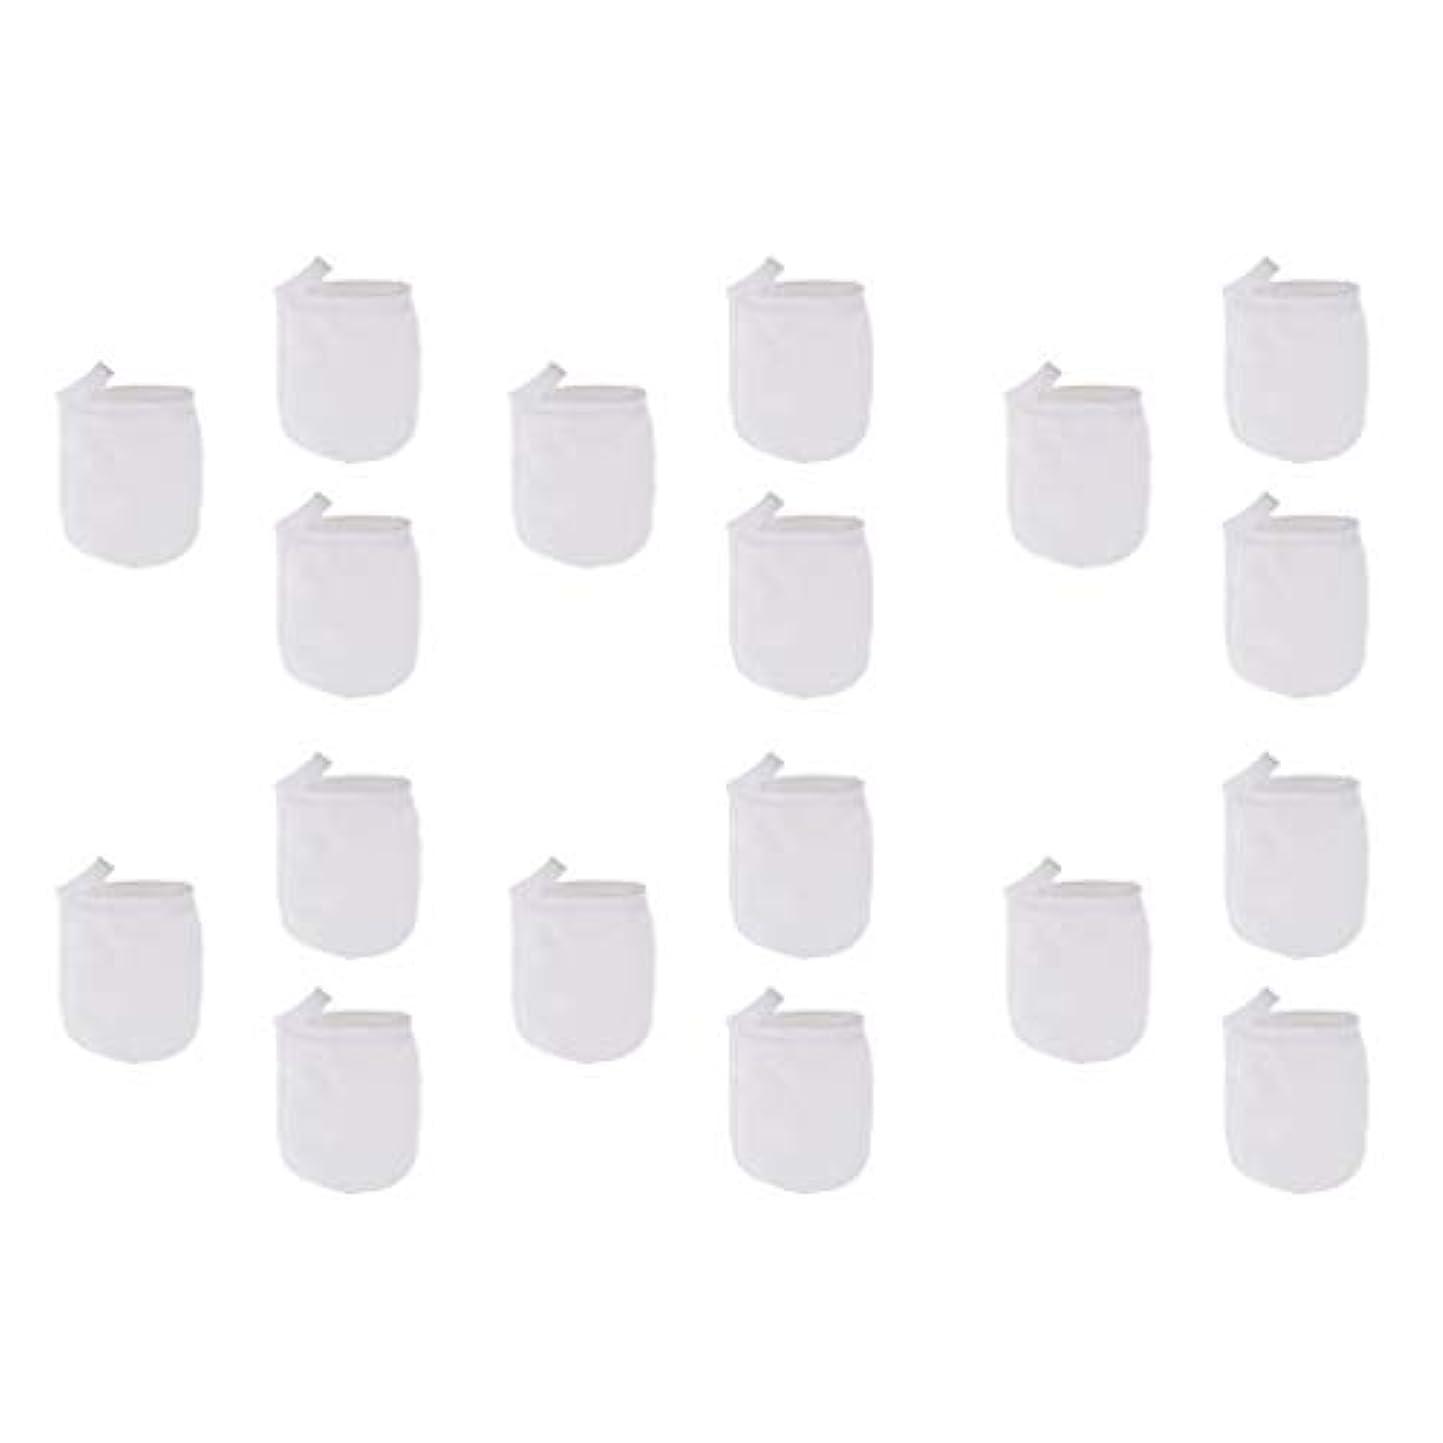 配る波紋データベース洗顔手袋 洗顔グローブ クレンジンググローブ メイク落とし手袋 マイクロファイバー 約18個パック